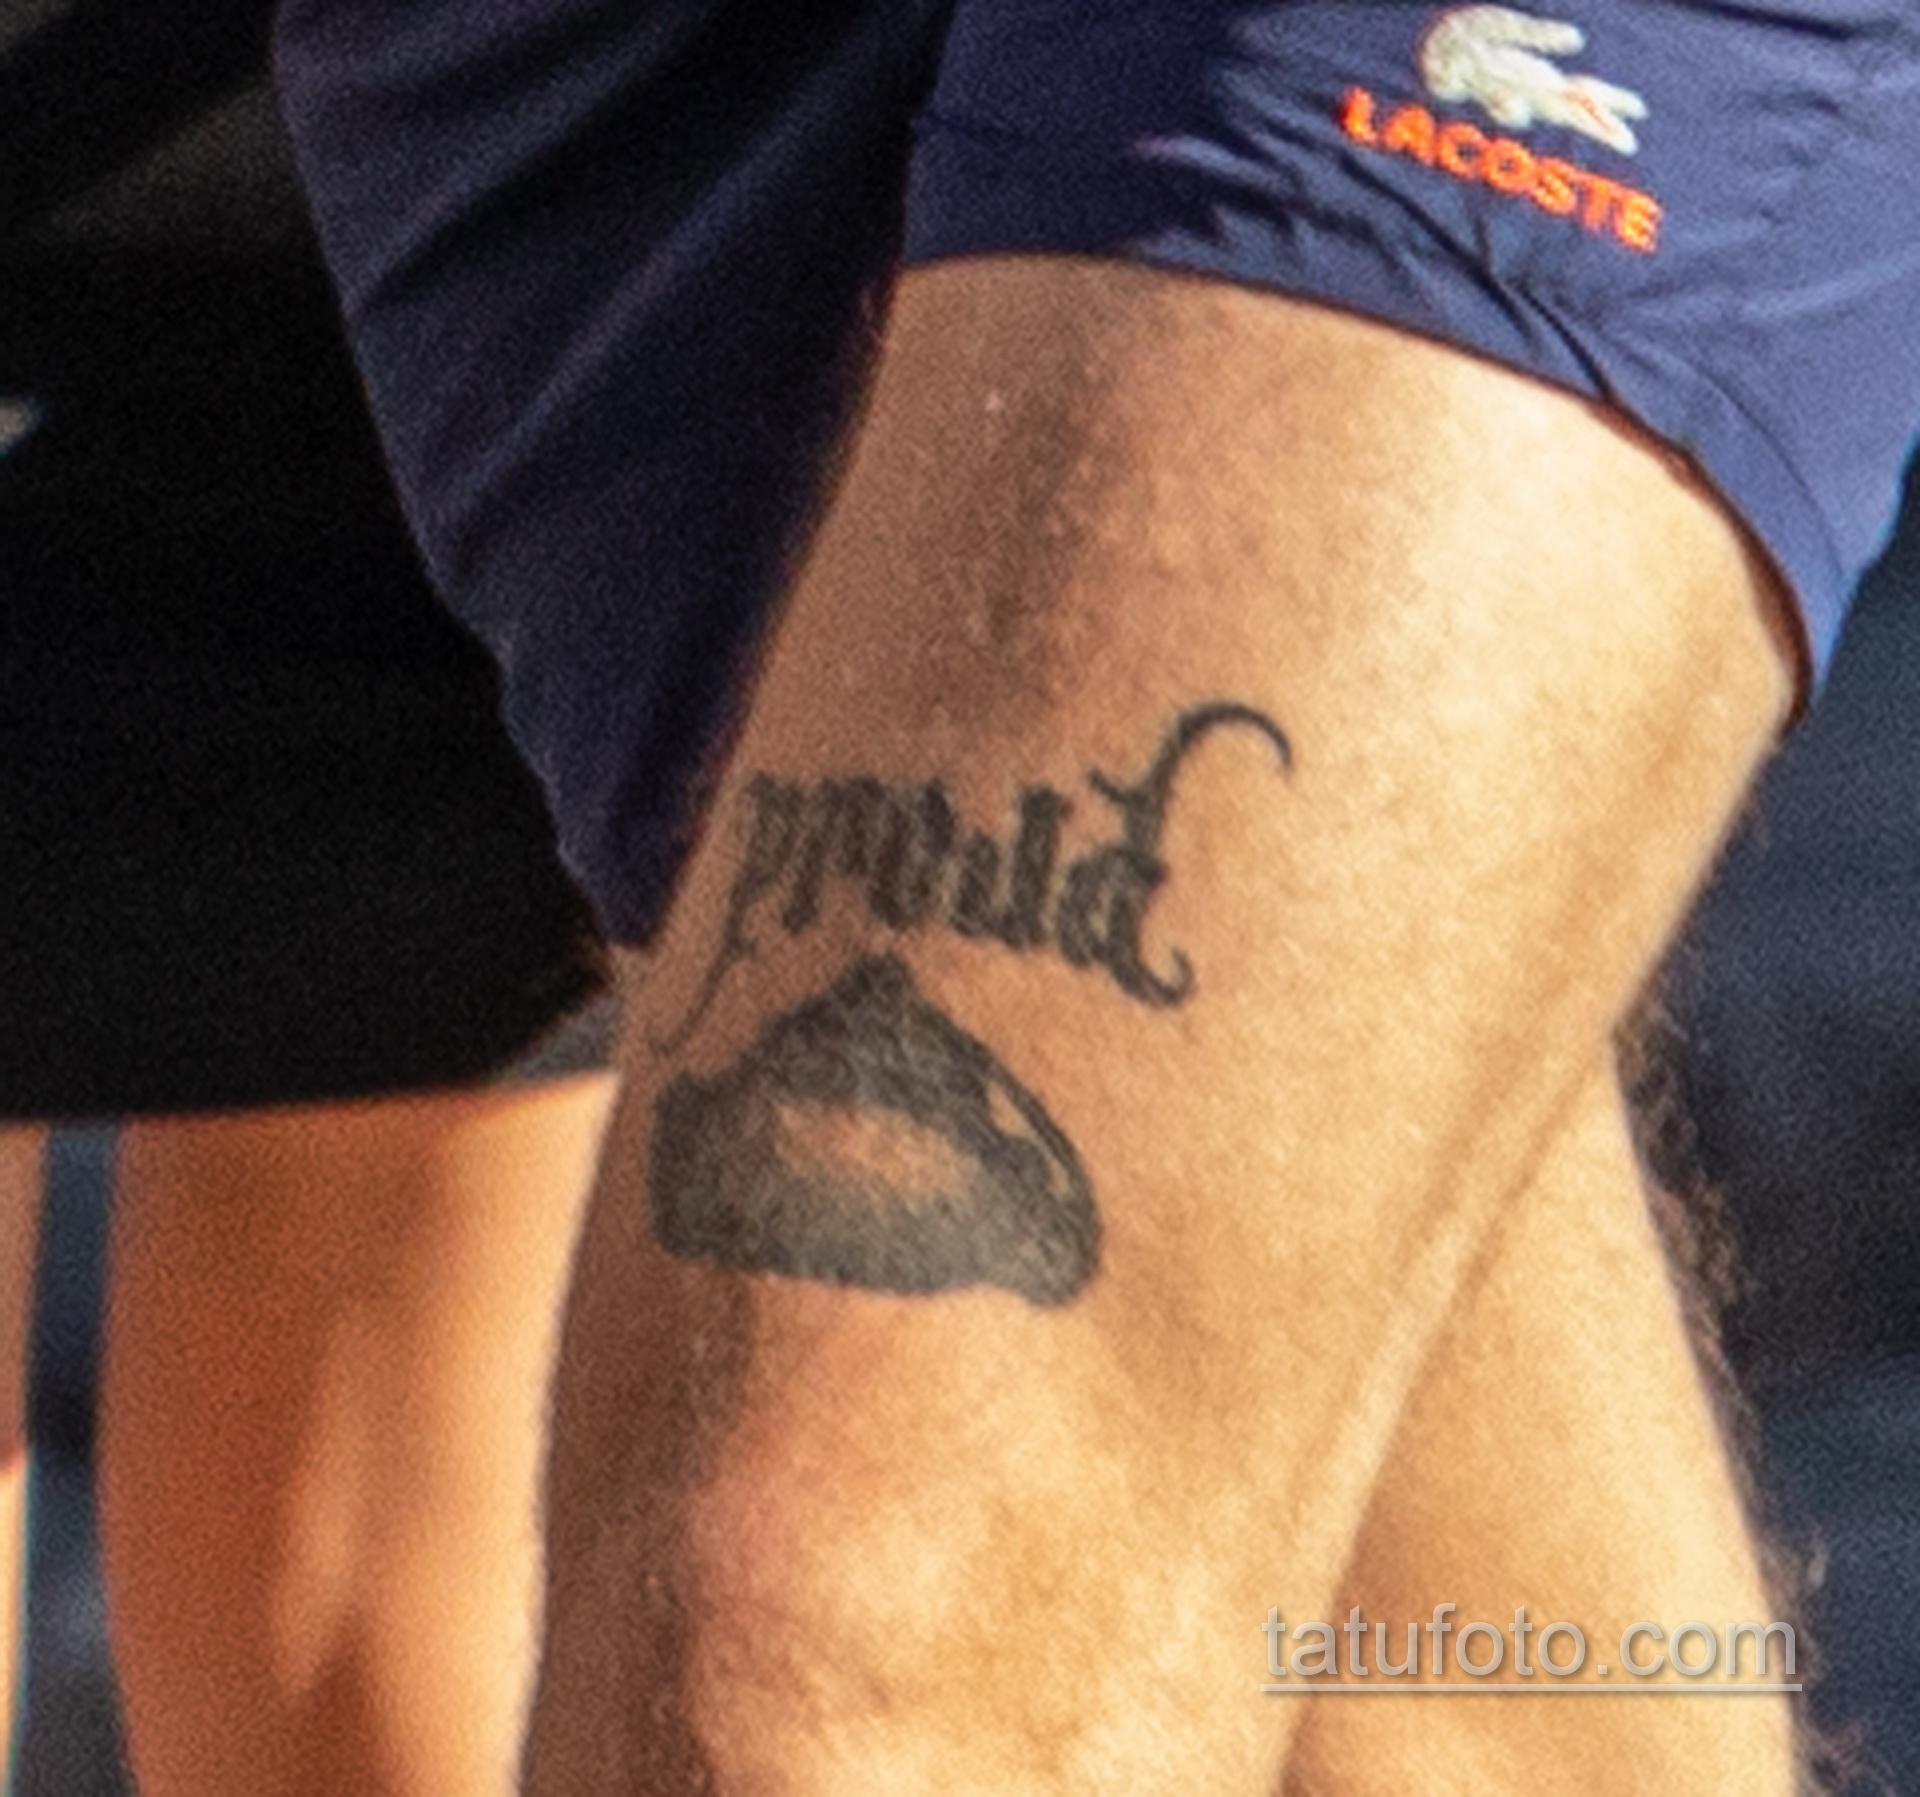 Тату с ножами на изгибе руки парня – Уличная татуировка 14.09.2020 – tatufoto.com 3